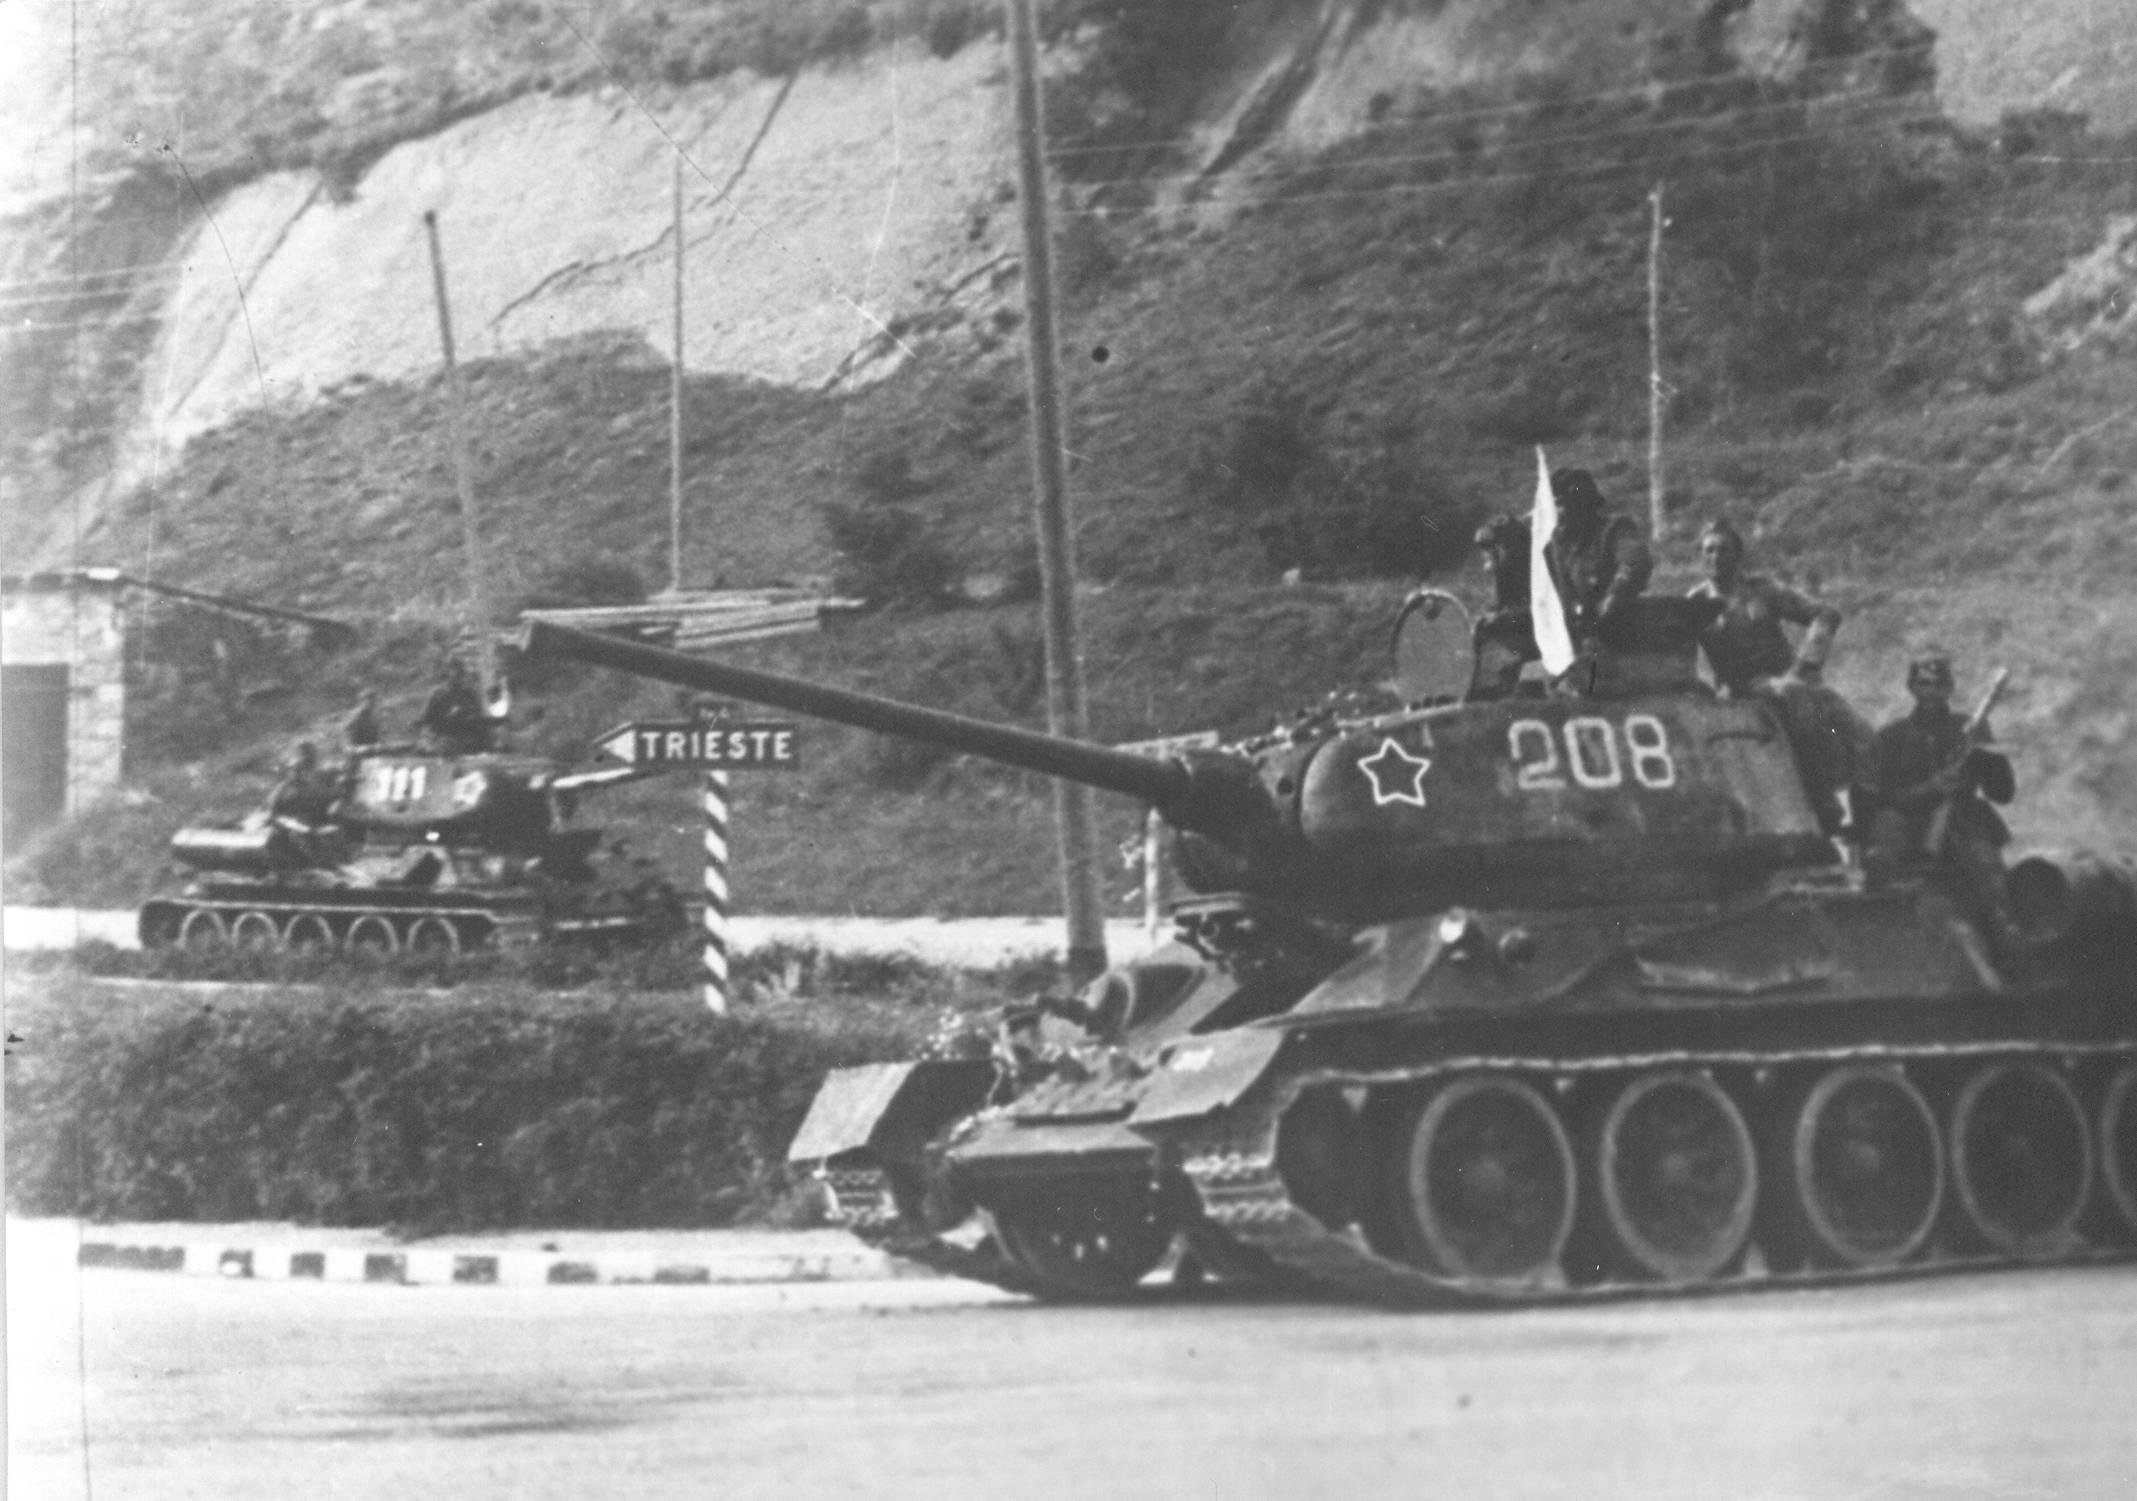 Tito's T 34-85s enter Trieste